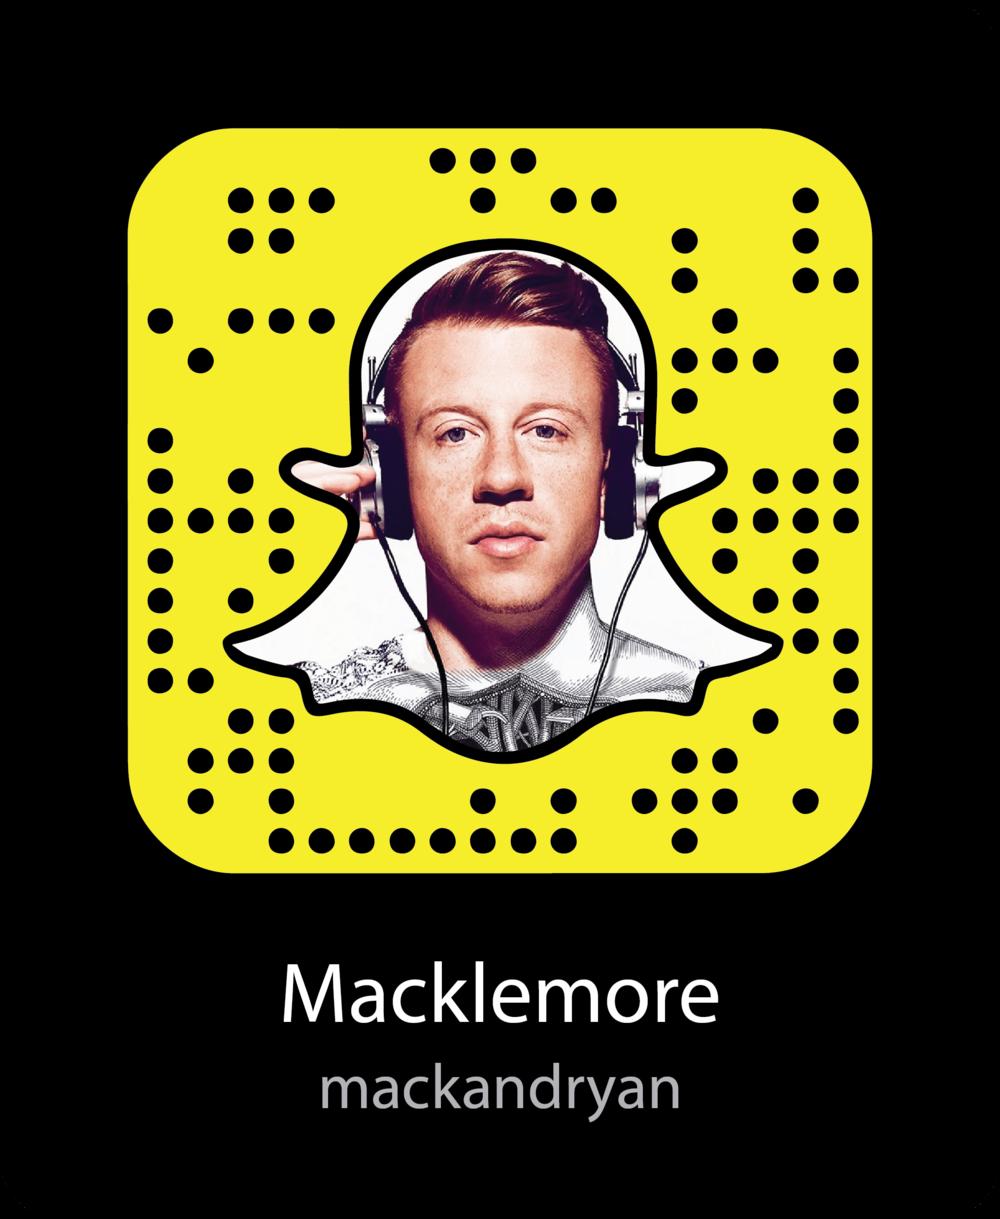 macklemore-celebrity-snapchat-snapcode